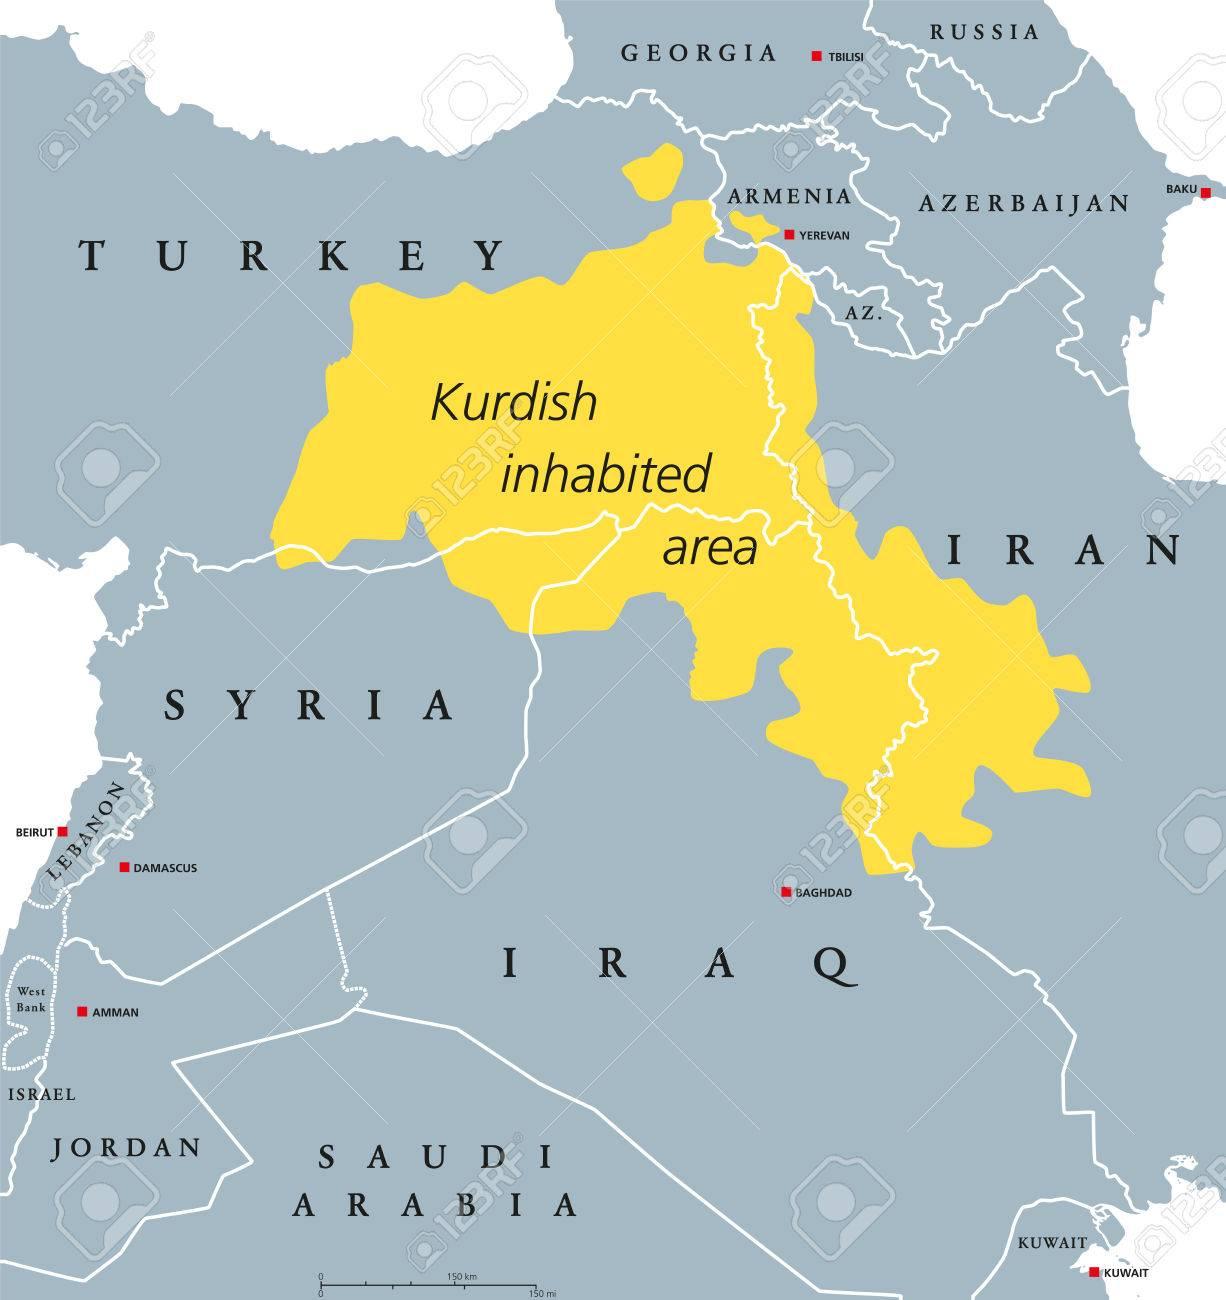 kurdish inhabeted area political map kurdish lands also kurdistan cultural region wherein